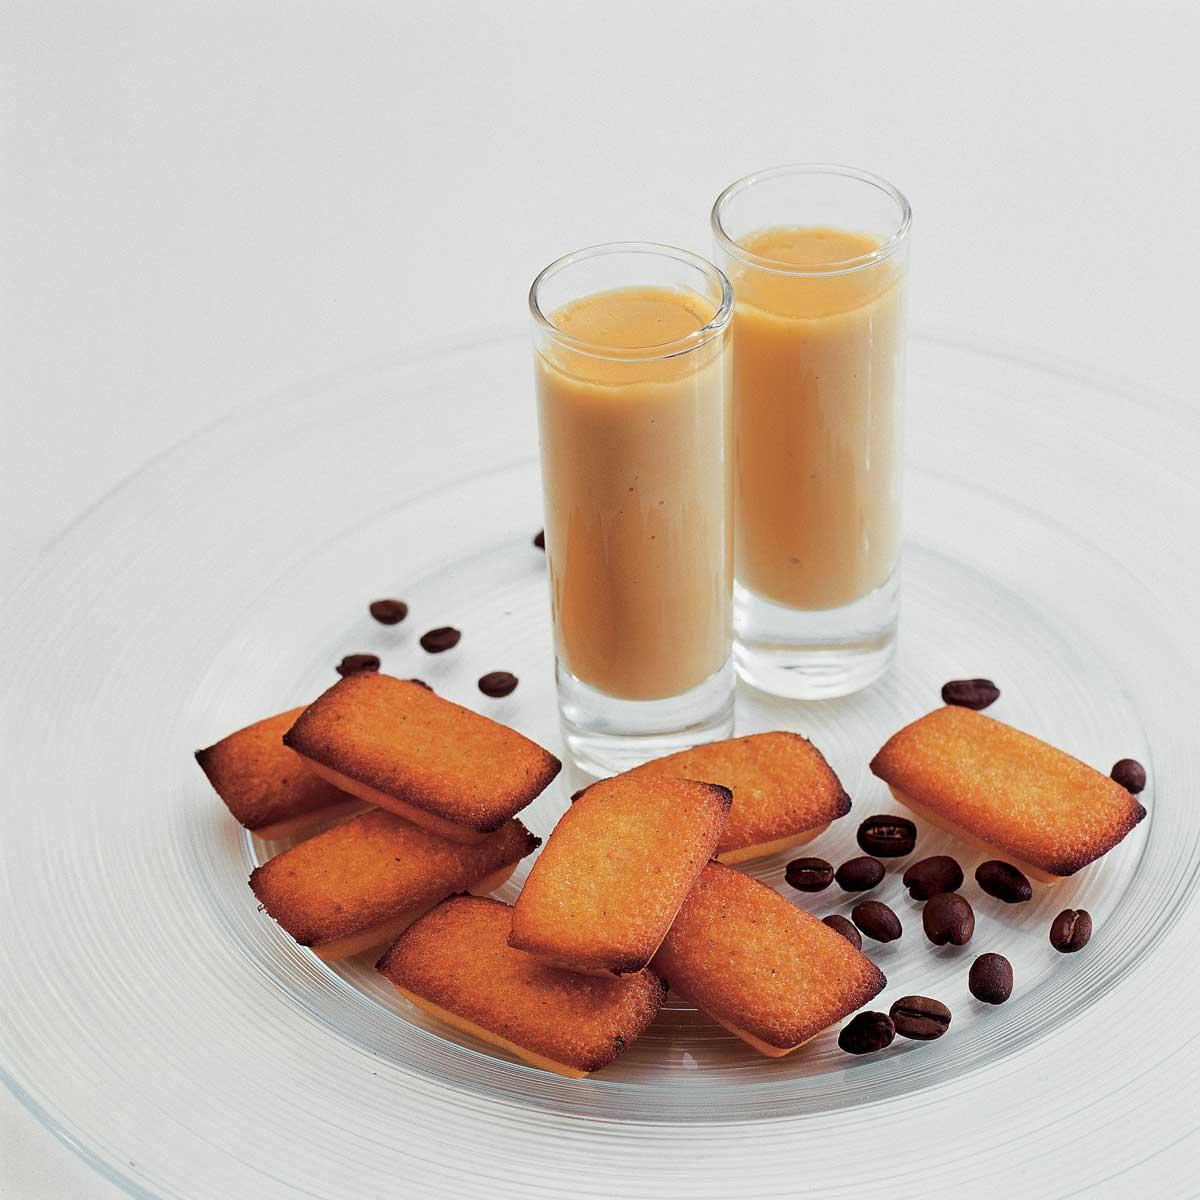 recette petits pots de cr me au caf et financiers cuisine madame figaro. Black Bedroom Furniture Sets. Home Design Ideas